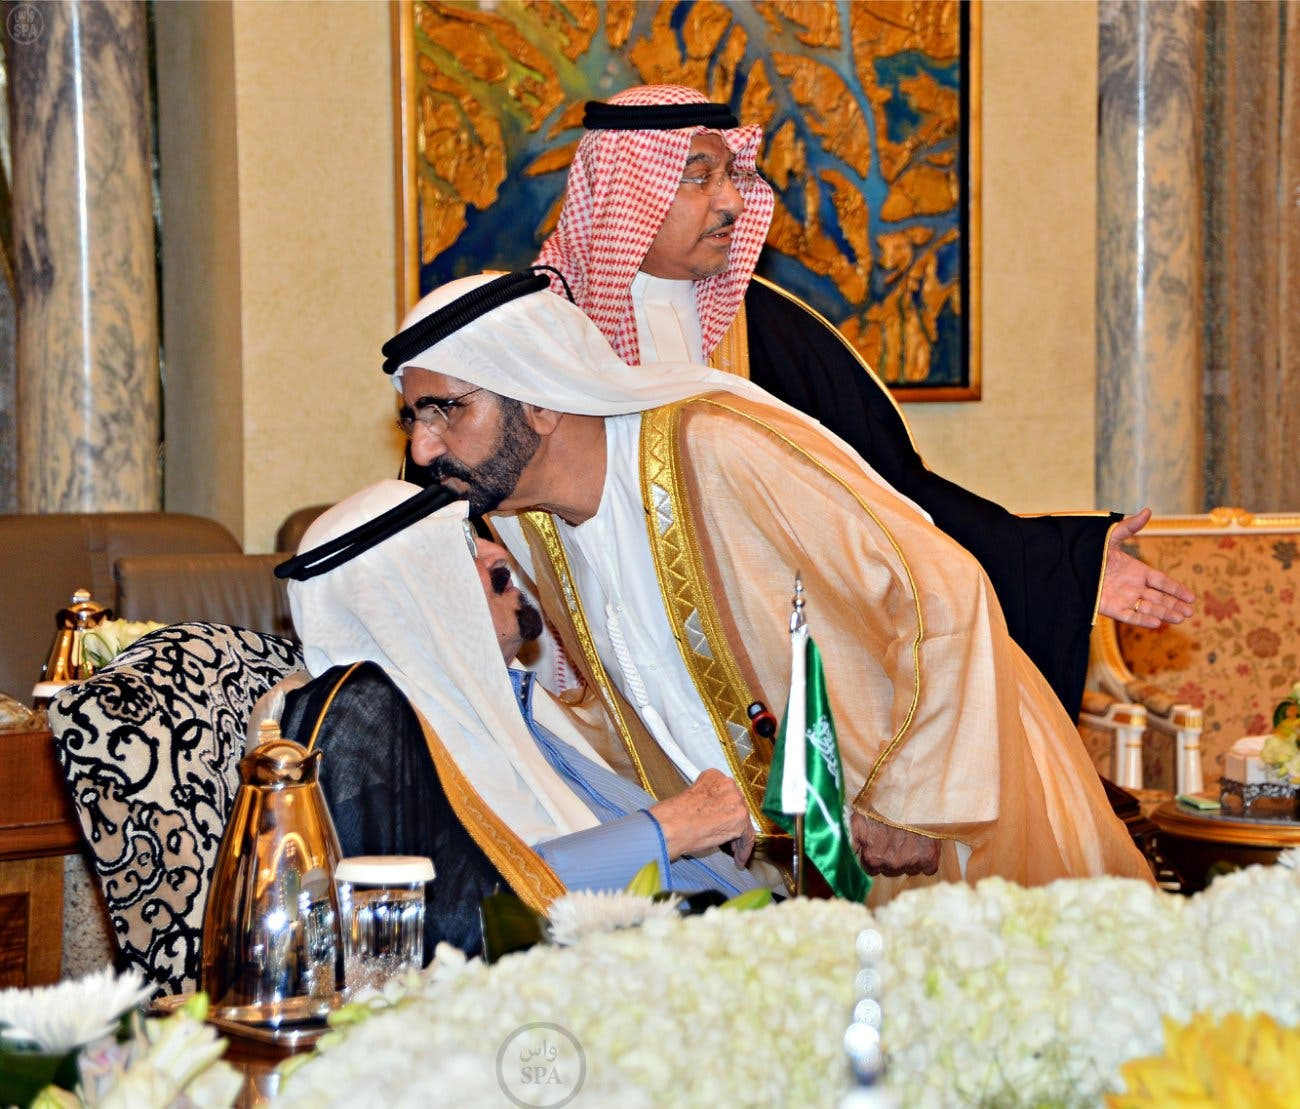 الملك عبدالله بن عبدالعزيز